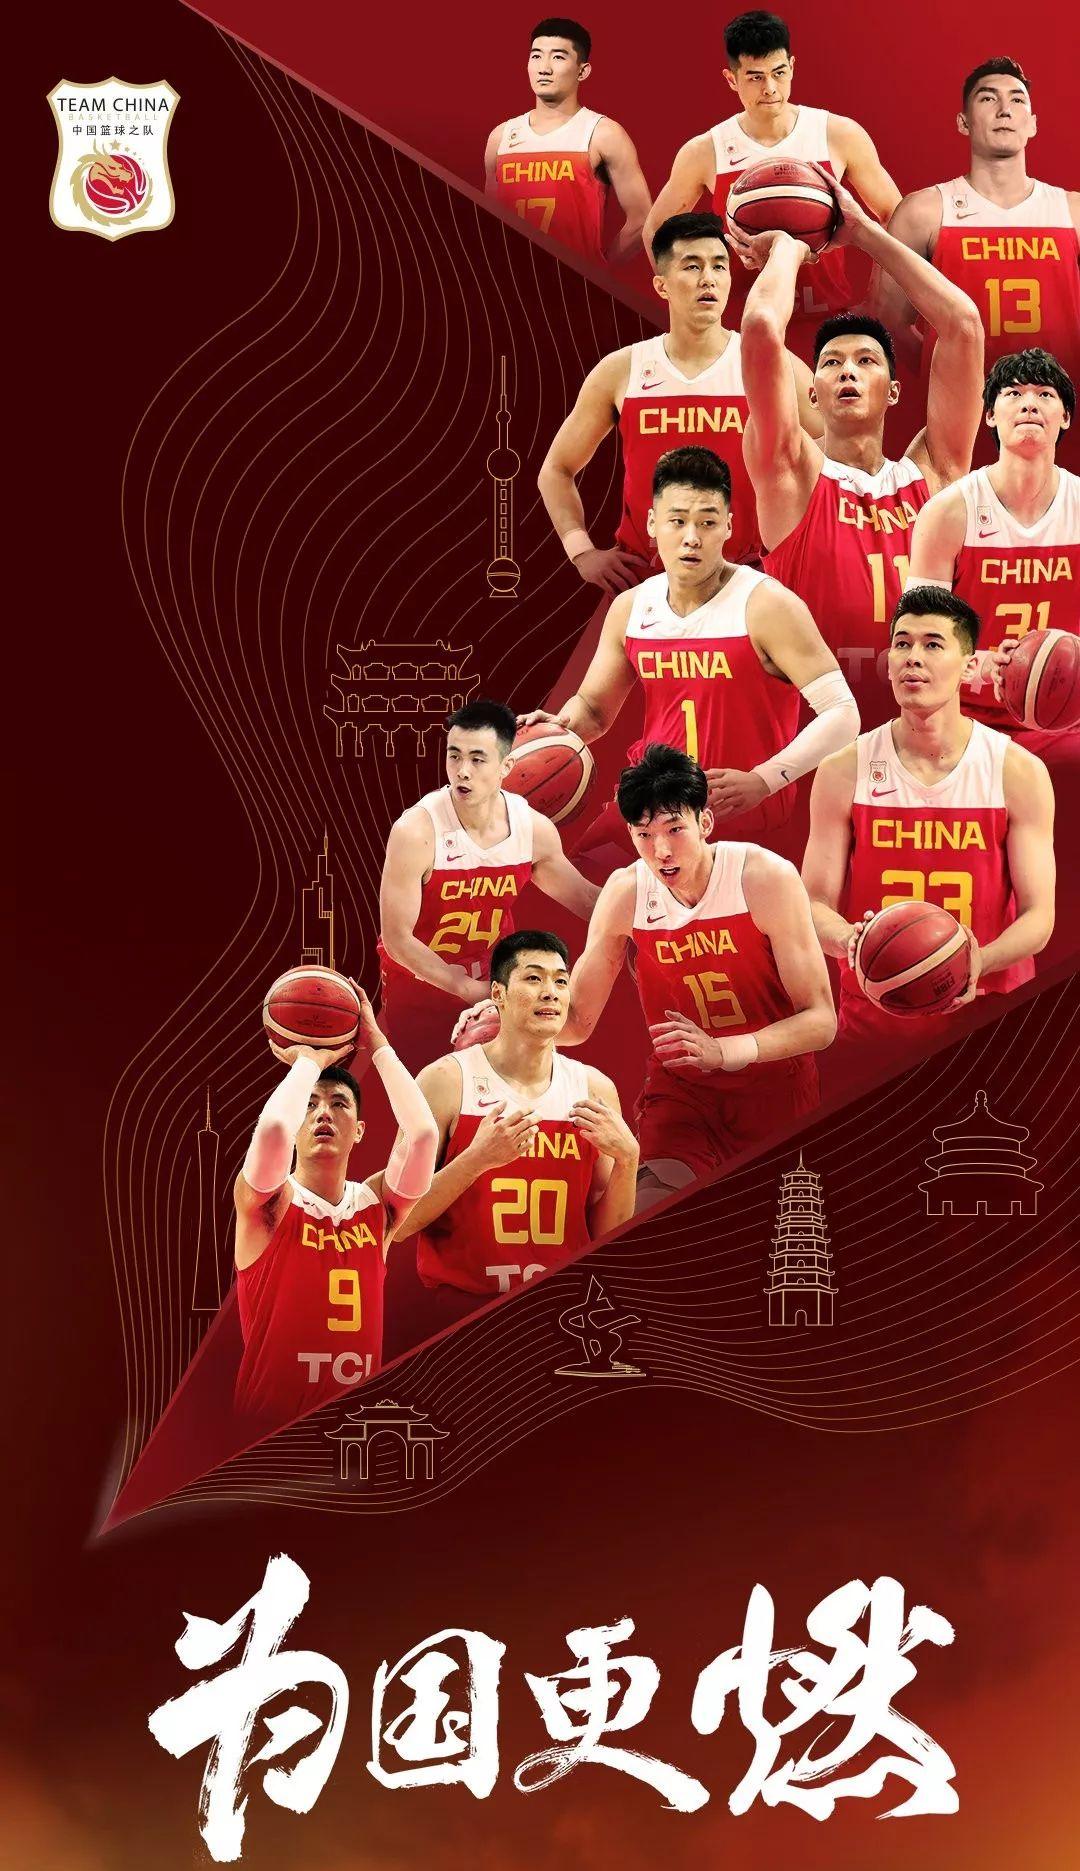 中国男篮大名单_中国男篮12人大名单出炉丨ULSUM_Shaq